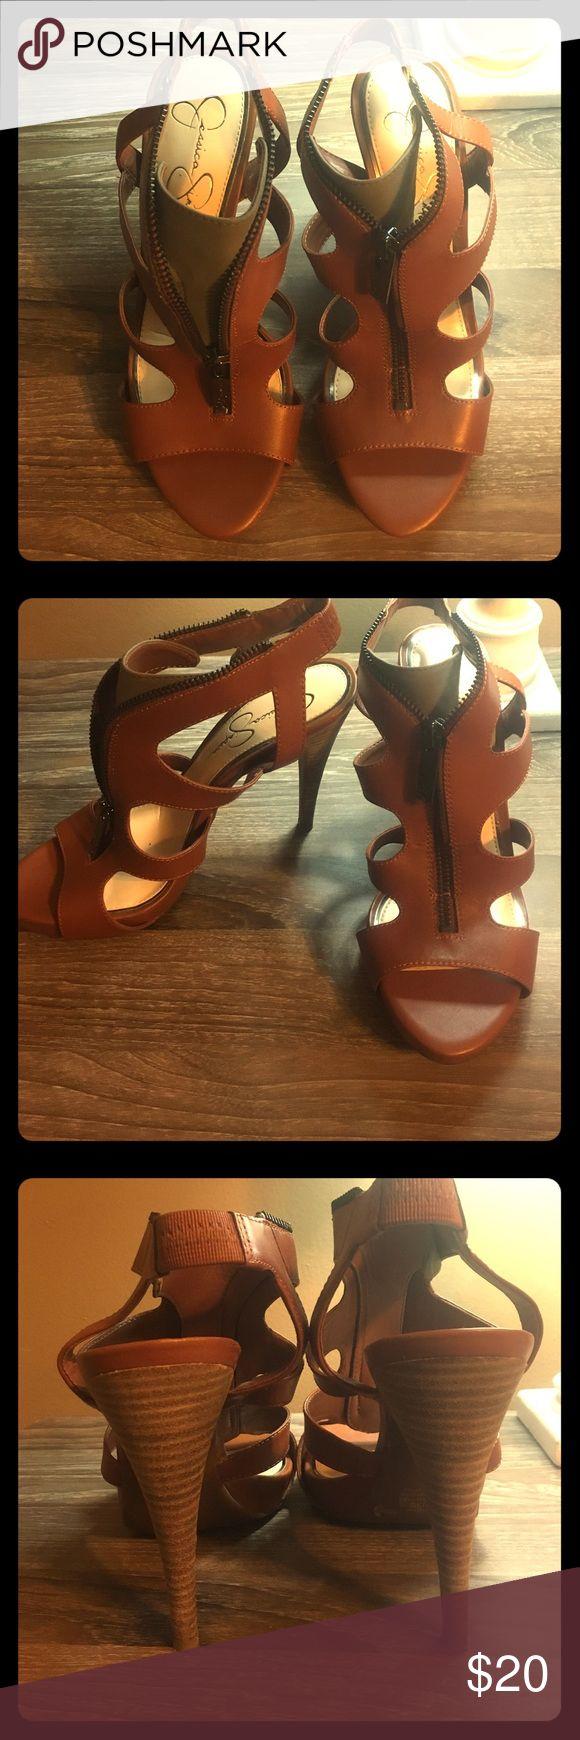 """Jessica Simpson Zip Up Camel  Heels 4 1/2"""" heel Lightly worn, slight wear on tip of heel. Great condition Jessica Simpson Shoes Heels"""